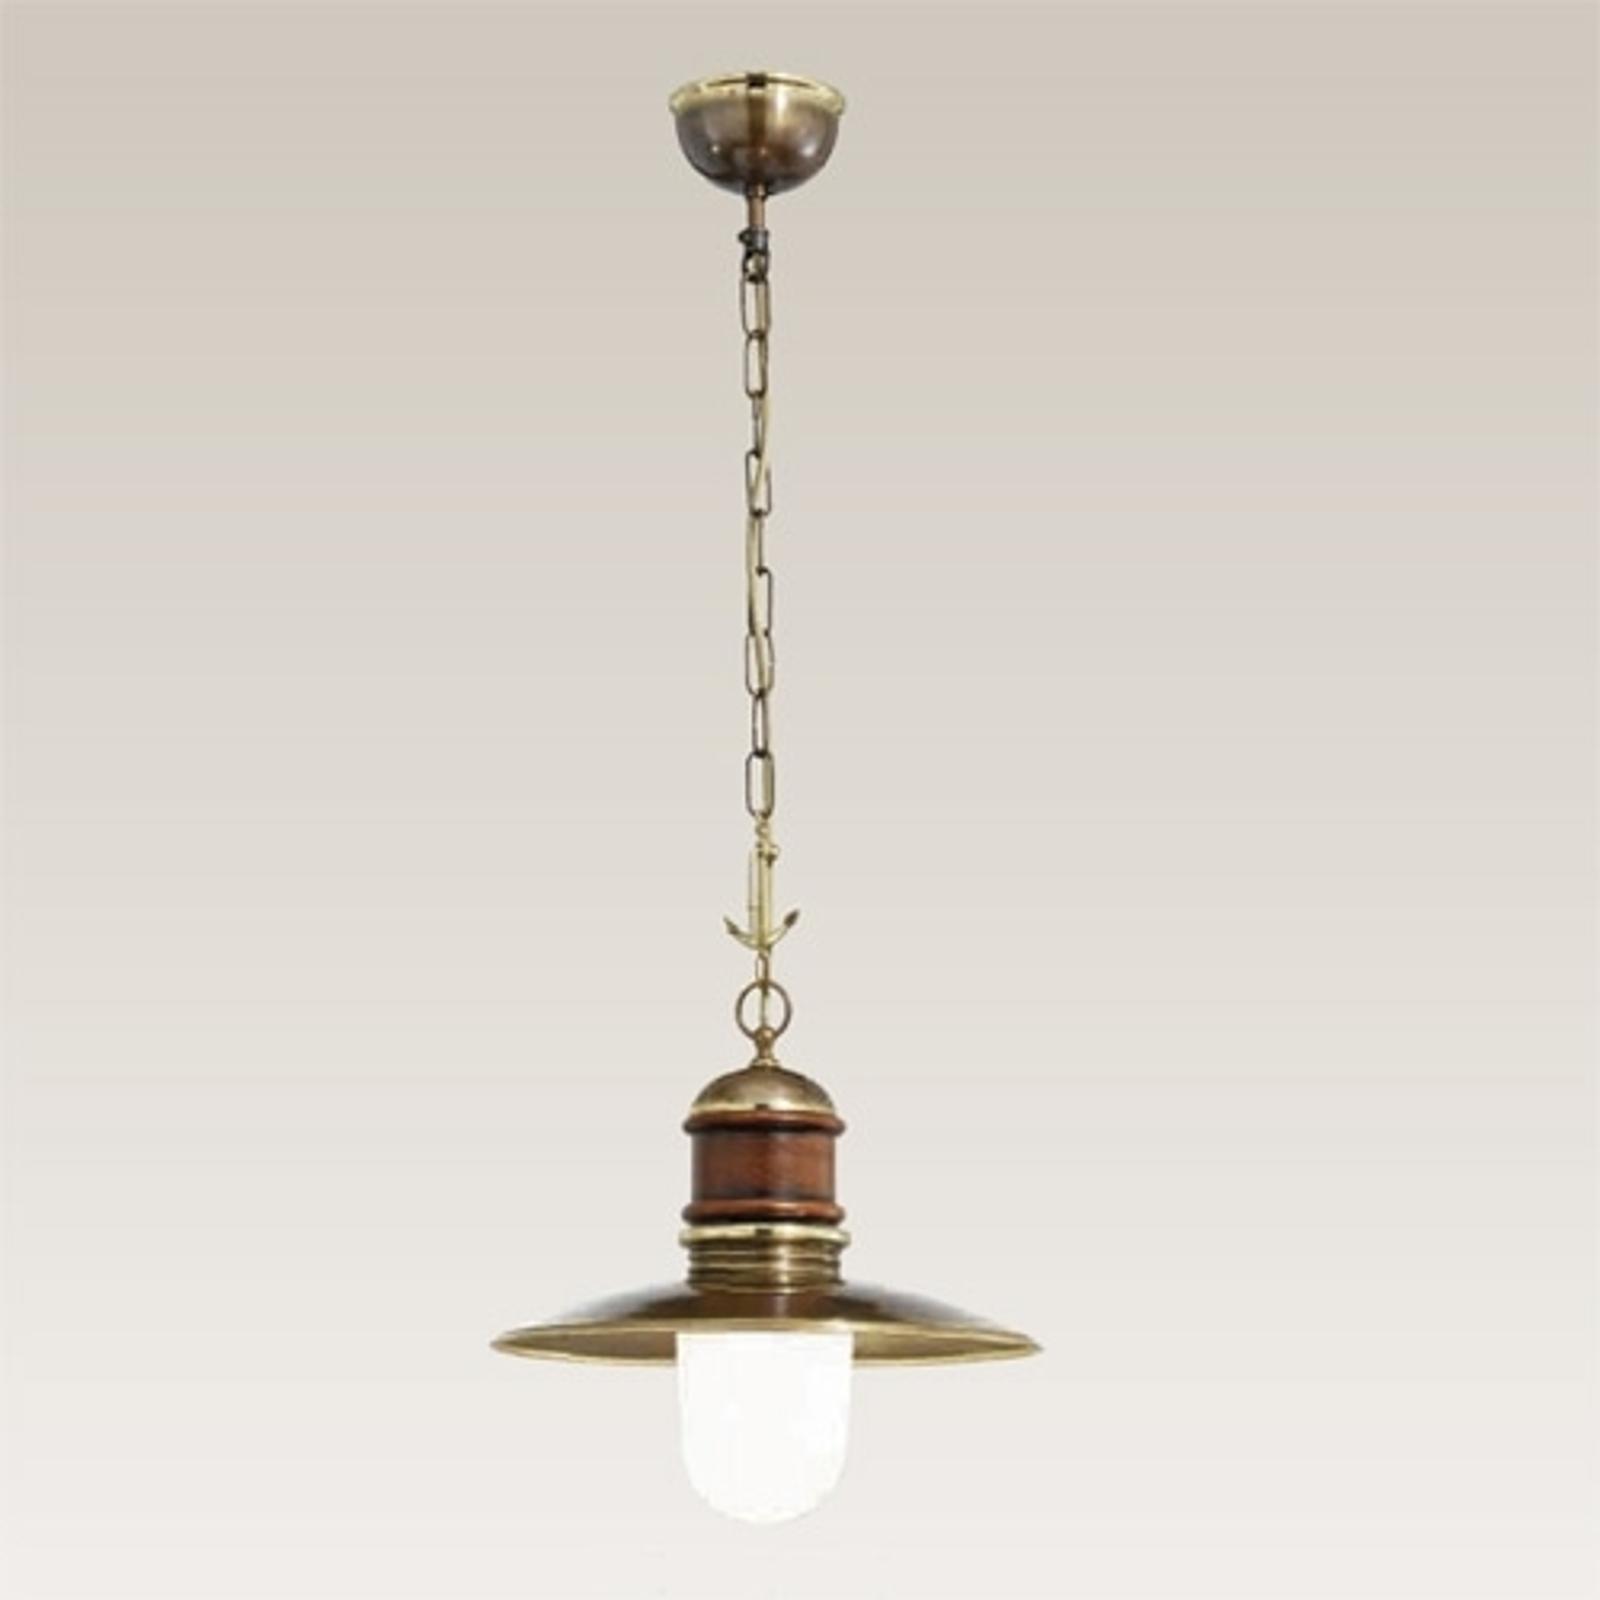 Lampada a sospensione Faro 1 luce 31 cm